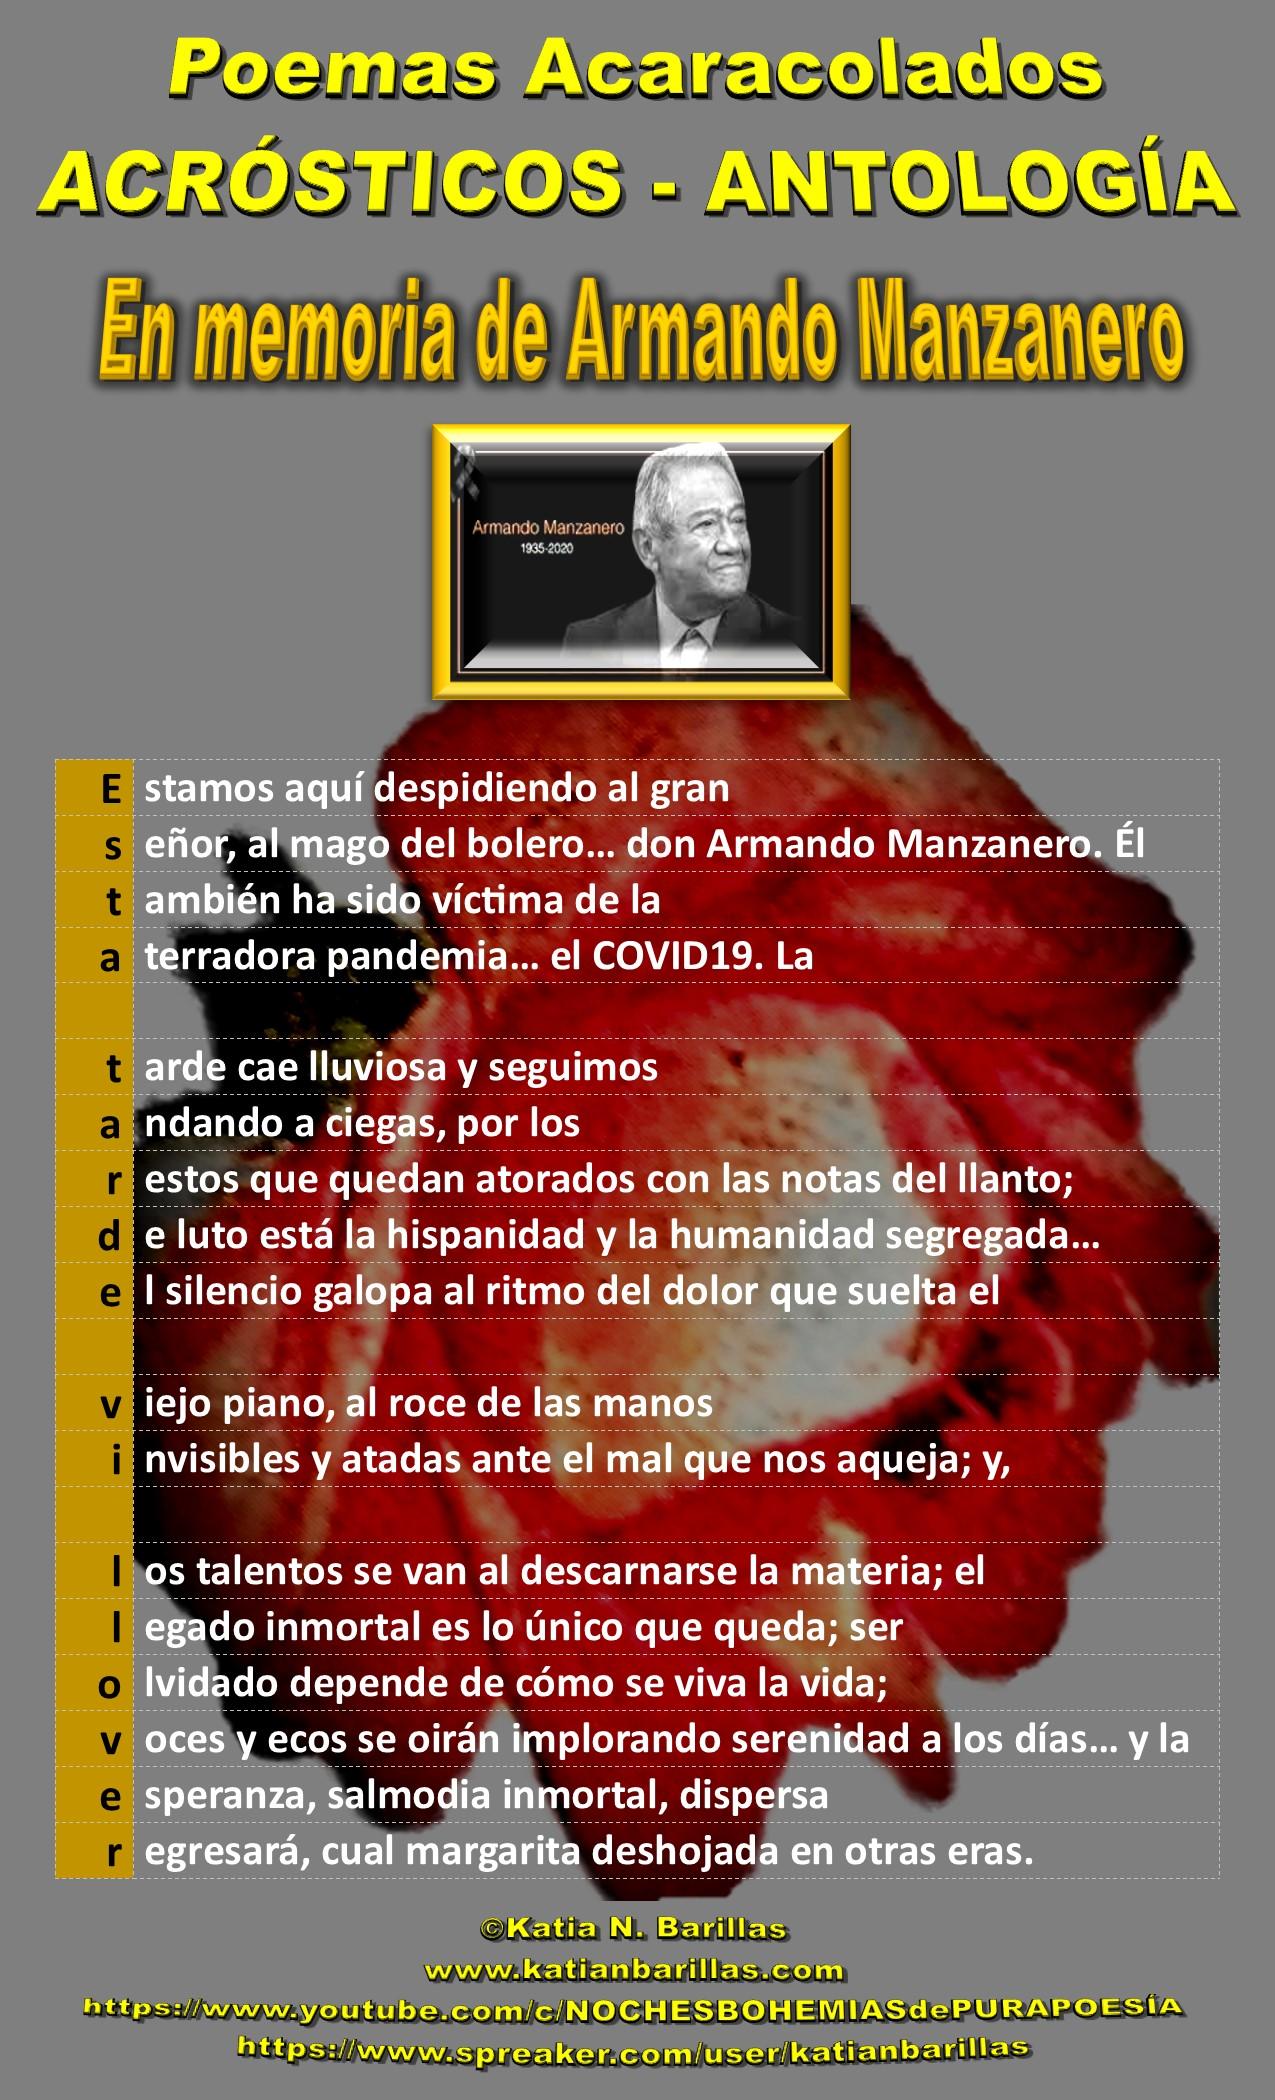 ARTEmanzanero.jpg